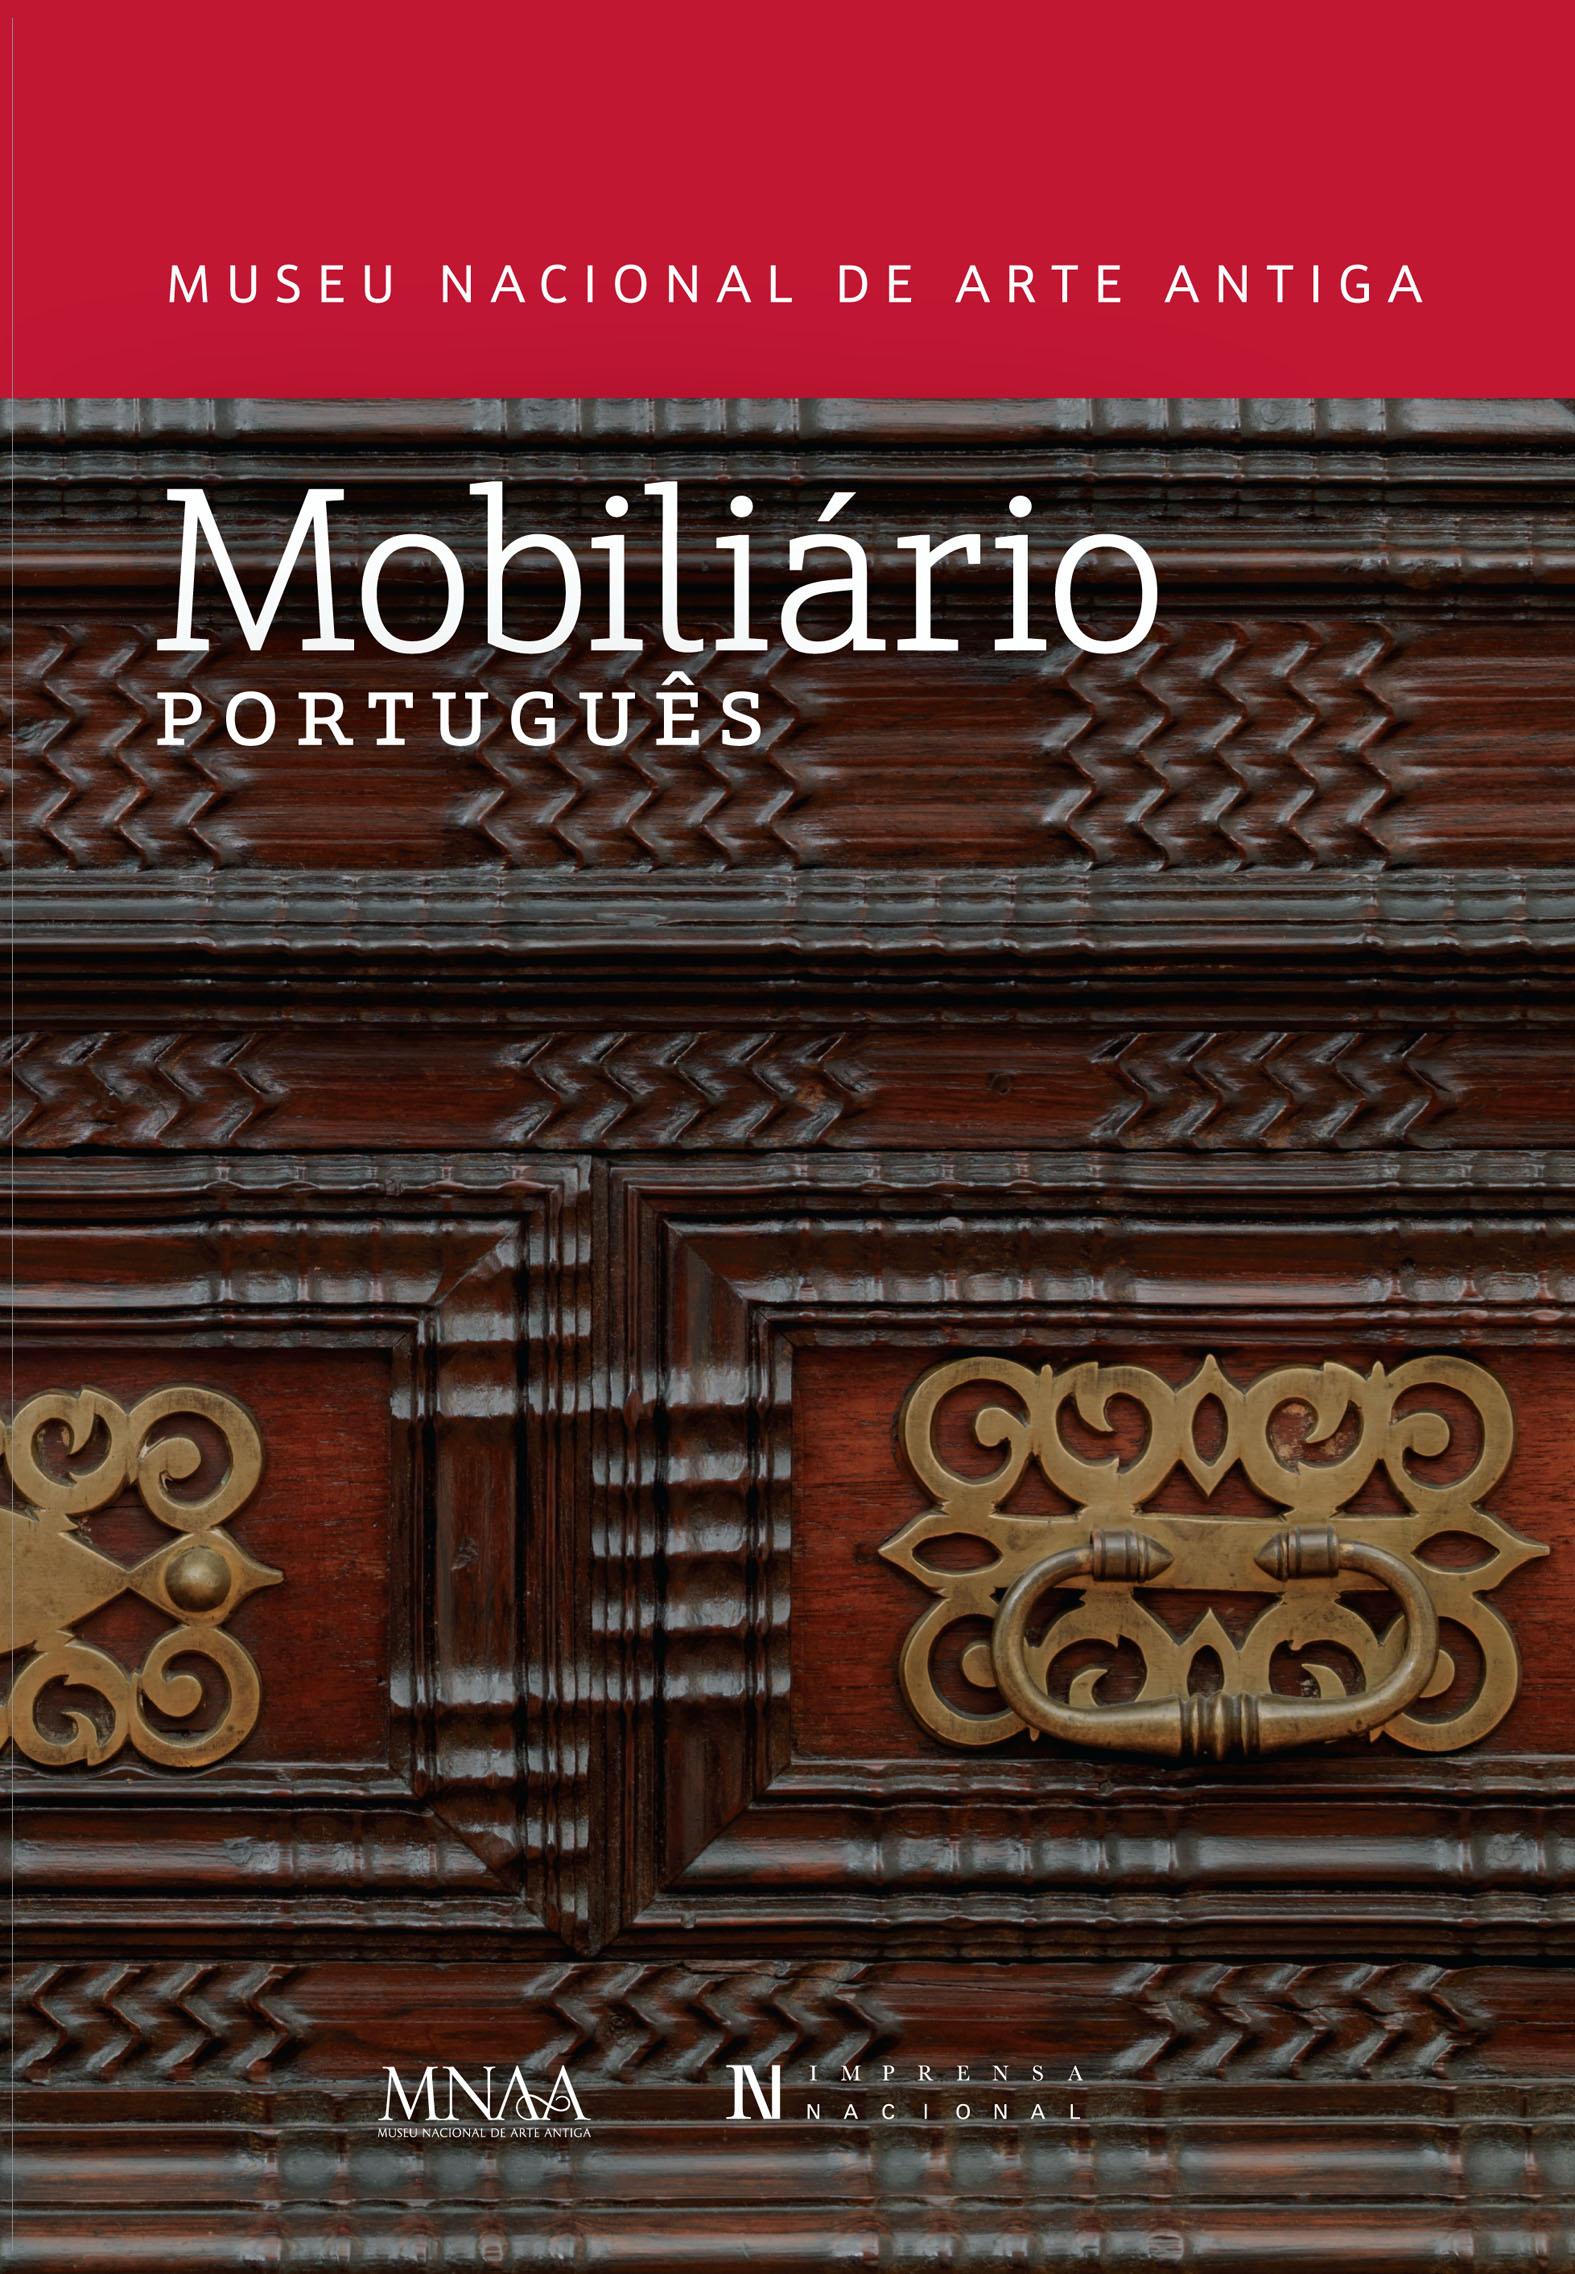 Mobiliário Português - capa catálogo